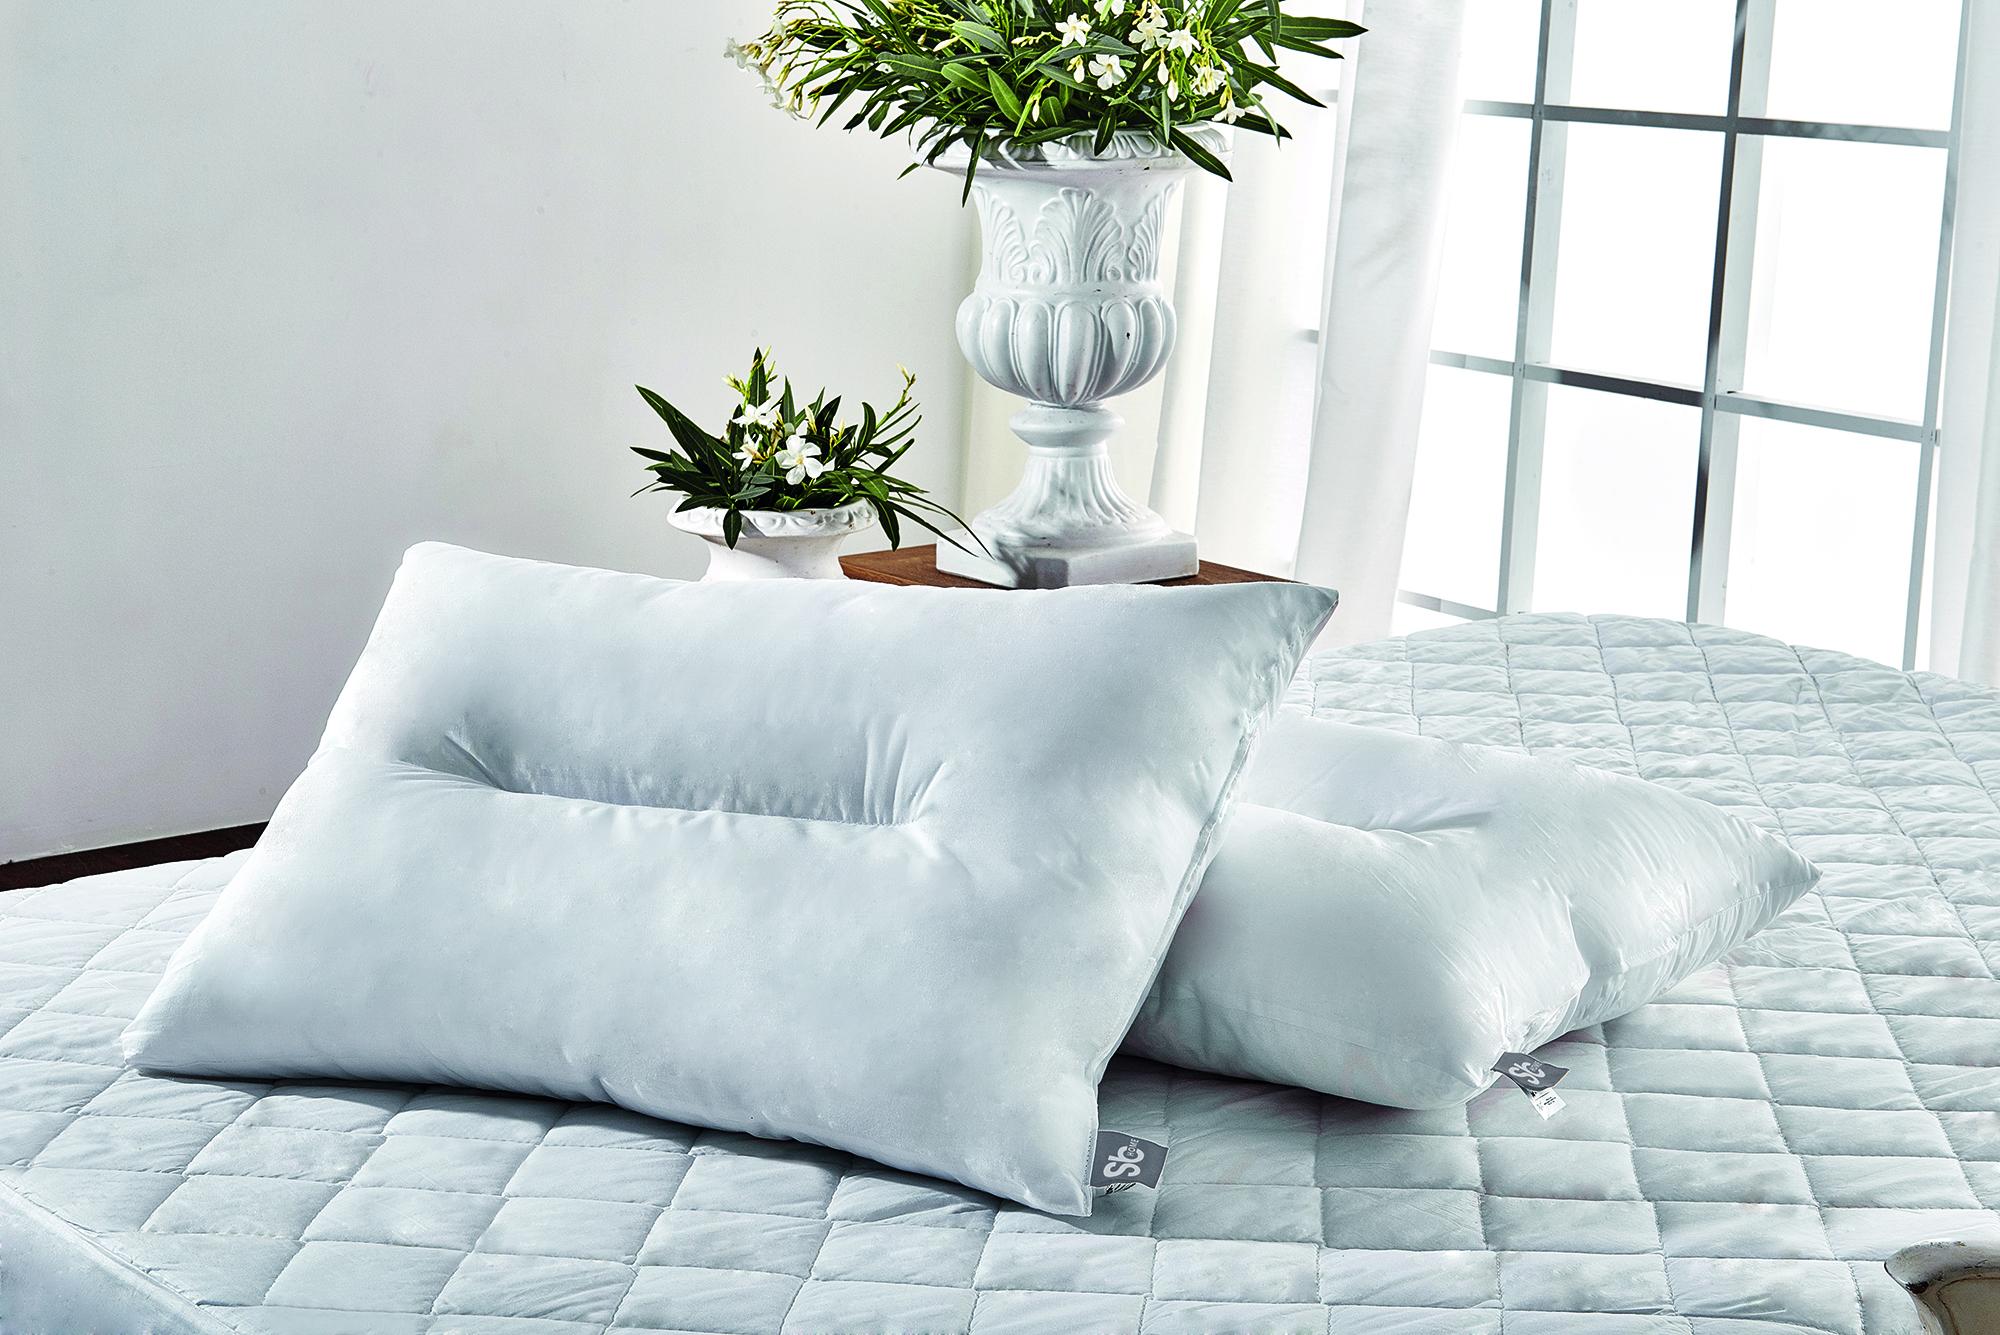 Μαξιλάρι ύπνου (50Χ70) ANATOMIC, SB HOME υπνοδωματιο   μαξιλάρια ύπνου   μαξιλάρια  ανατομικά